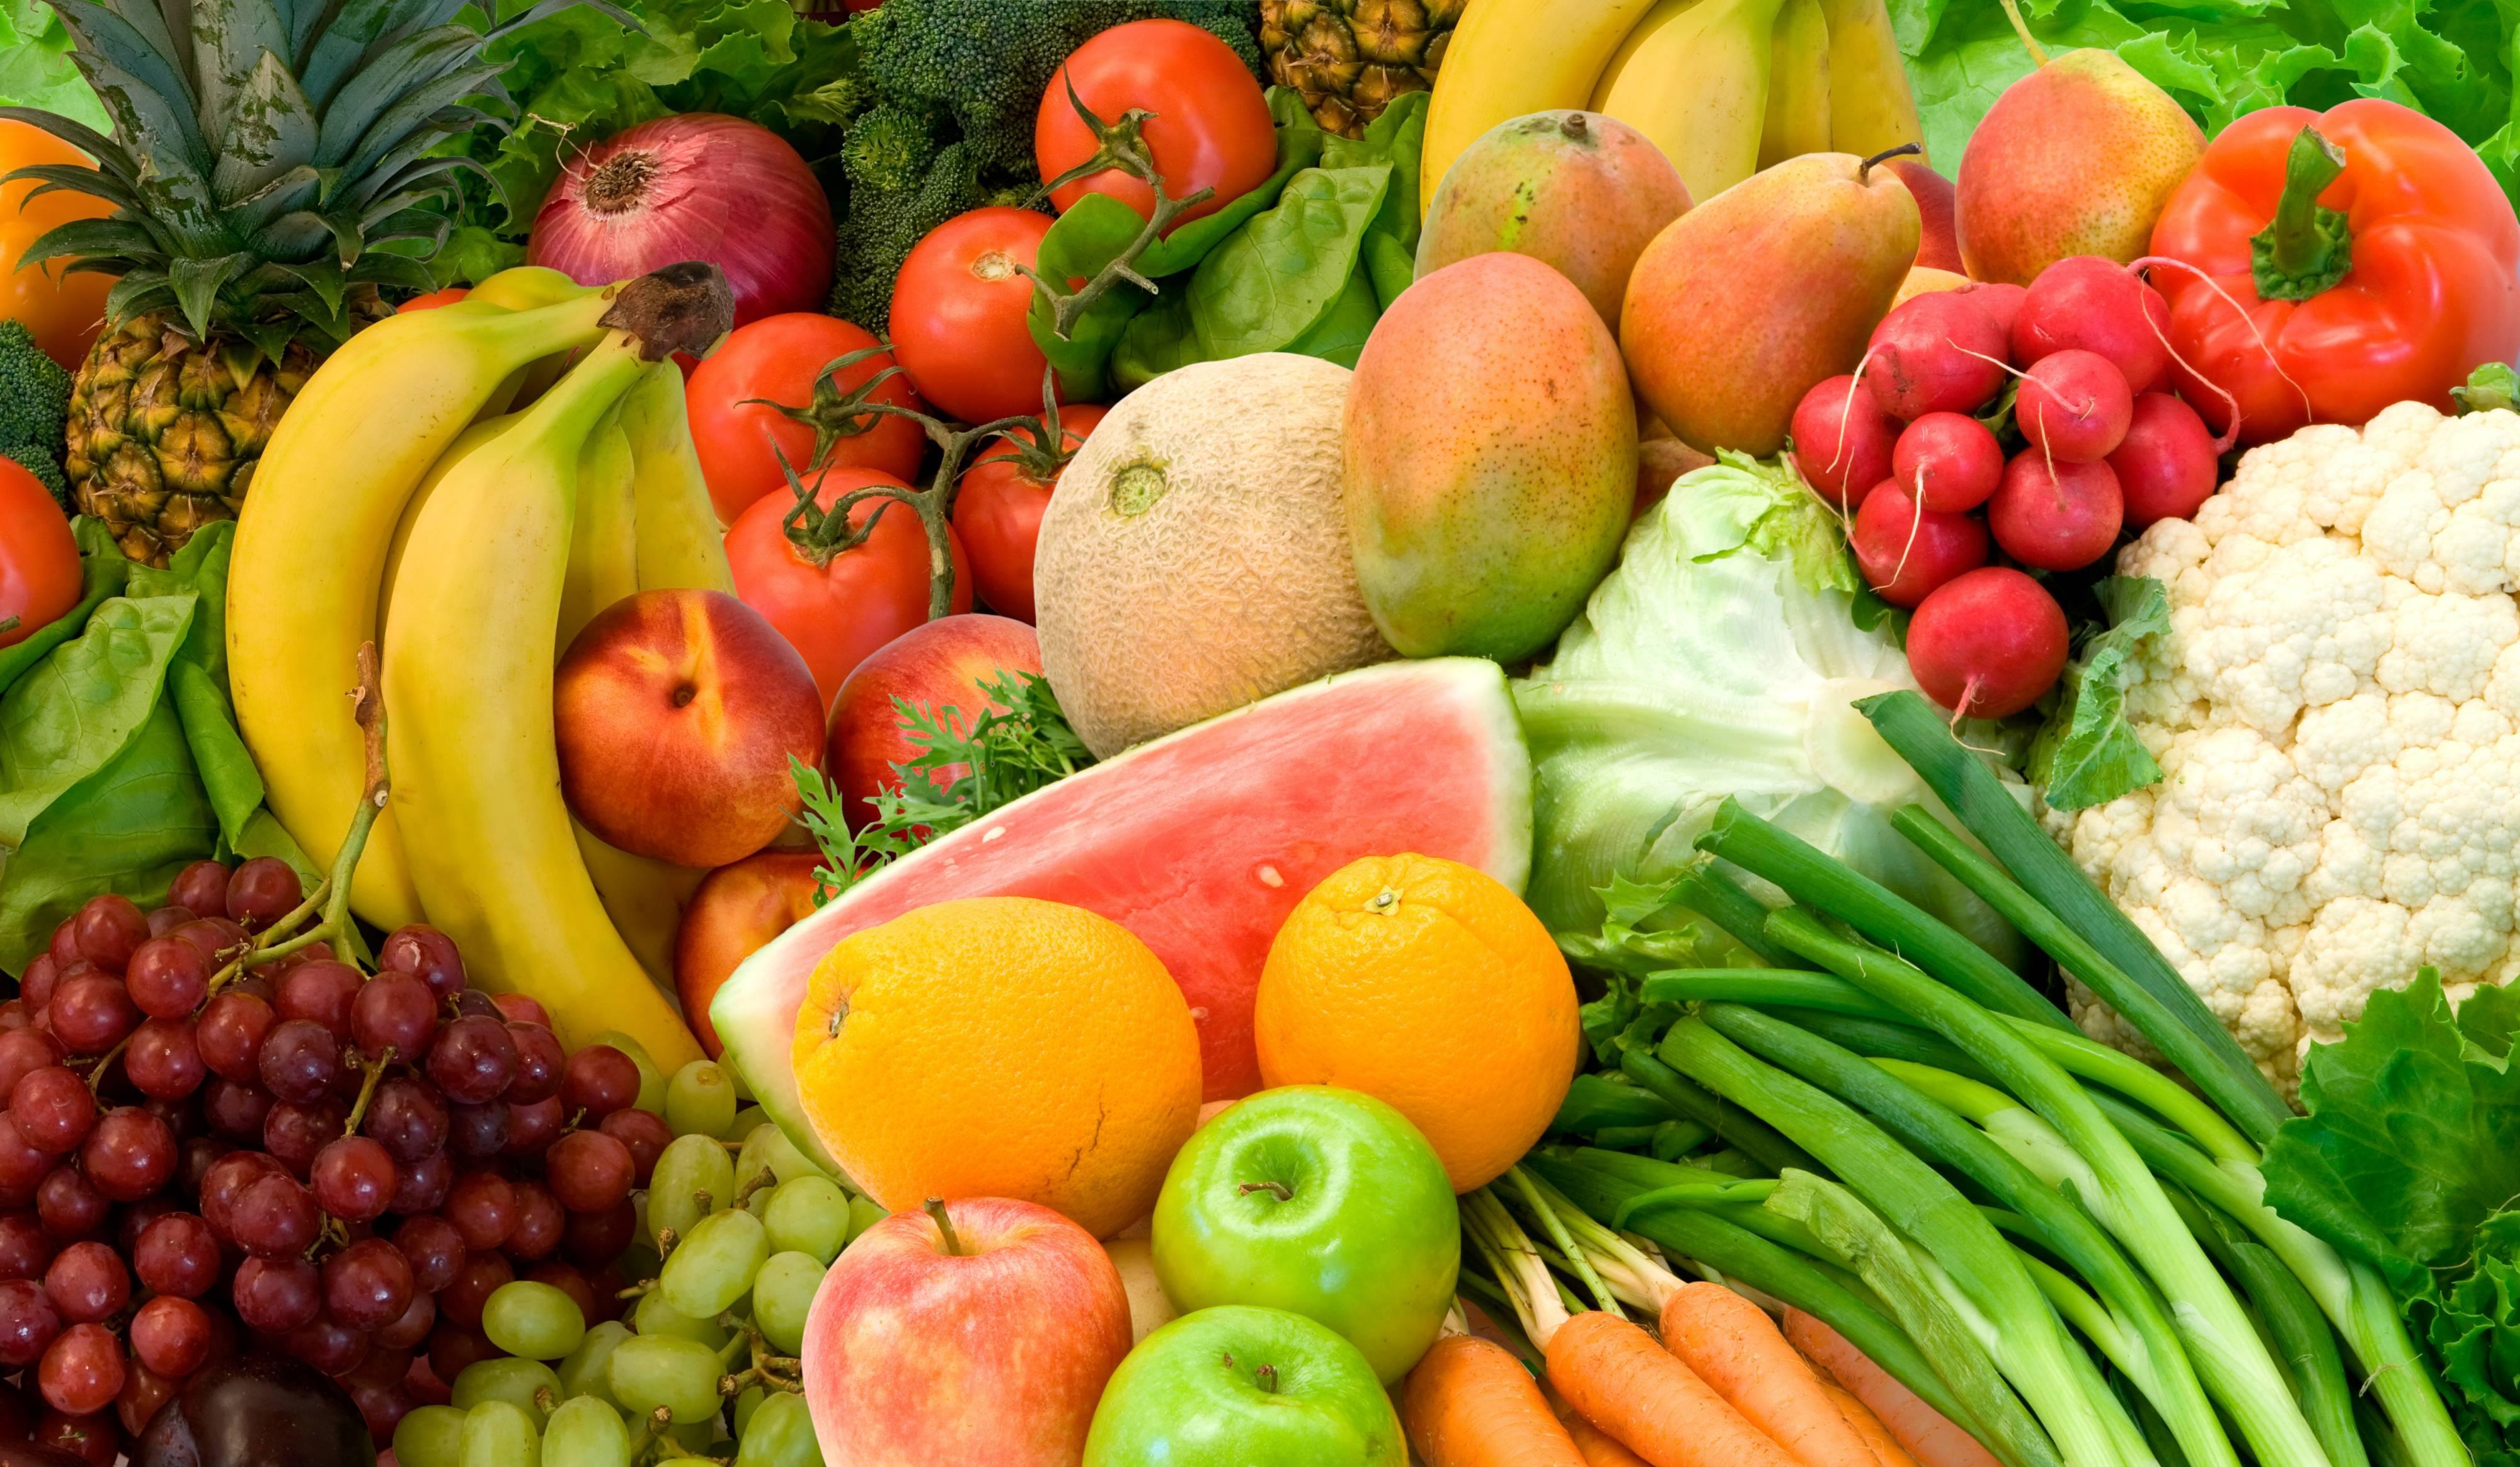 Природа пейзаж лето фрукты овощи еда